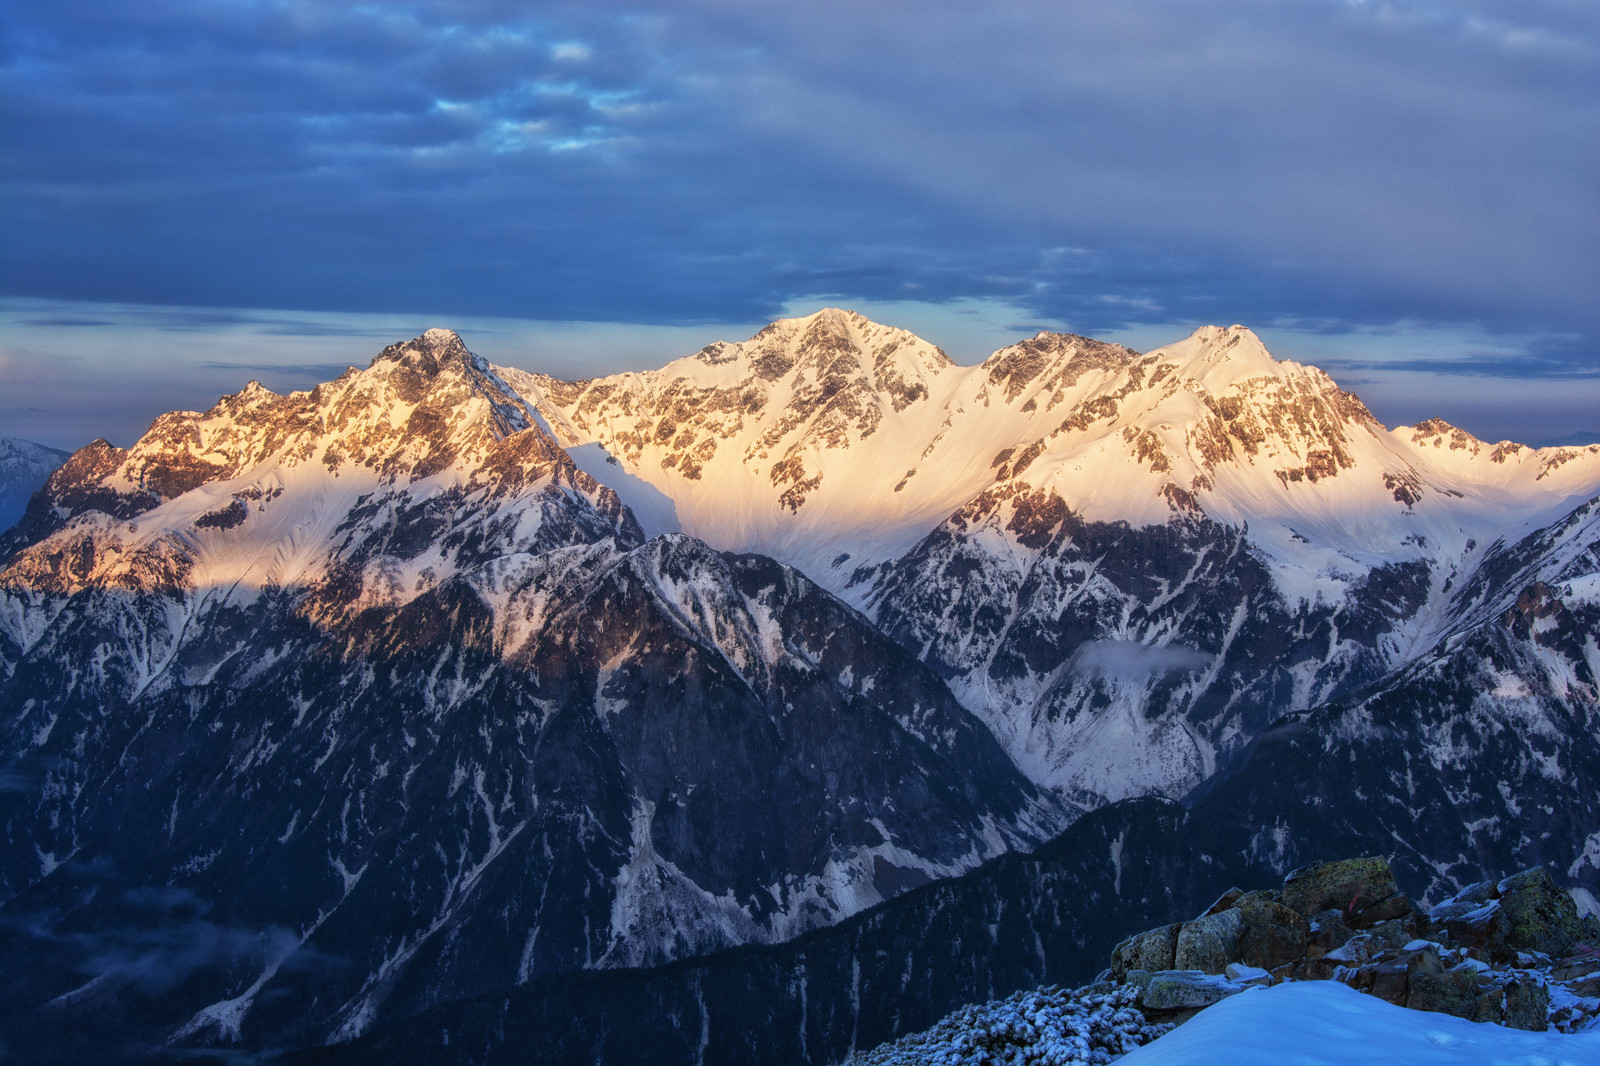 「穂高岳のモルゲンロート」の写真